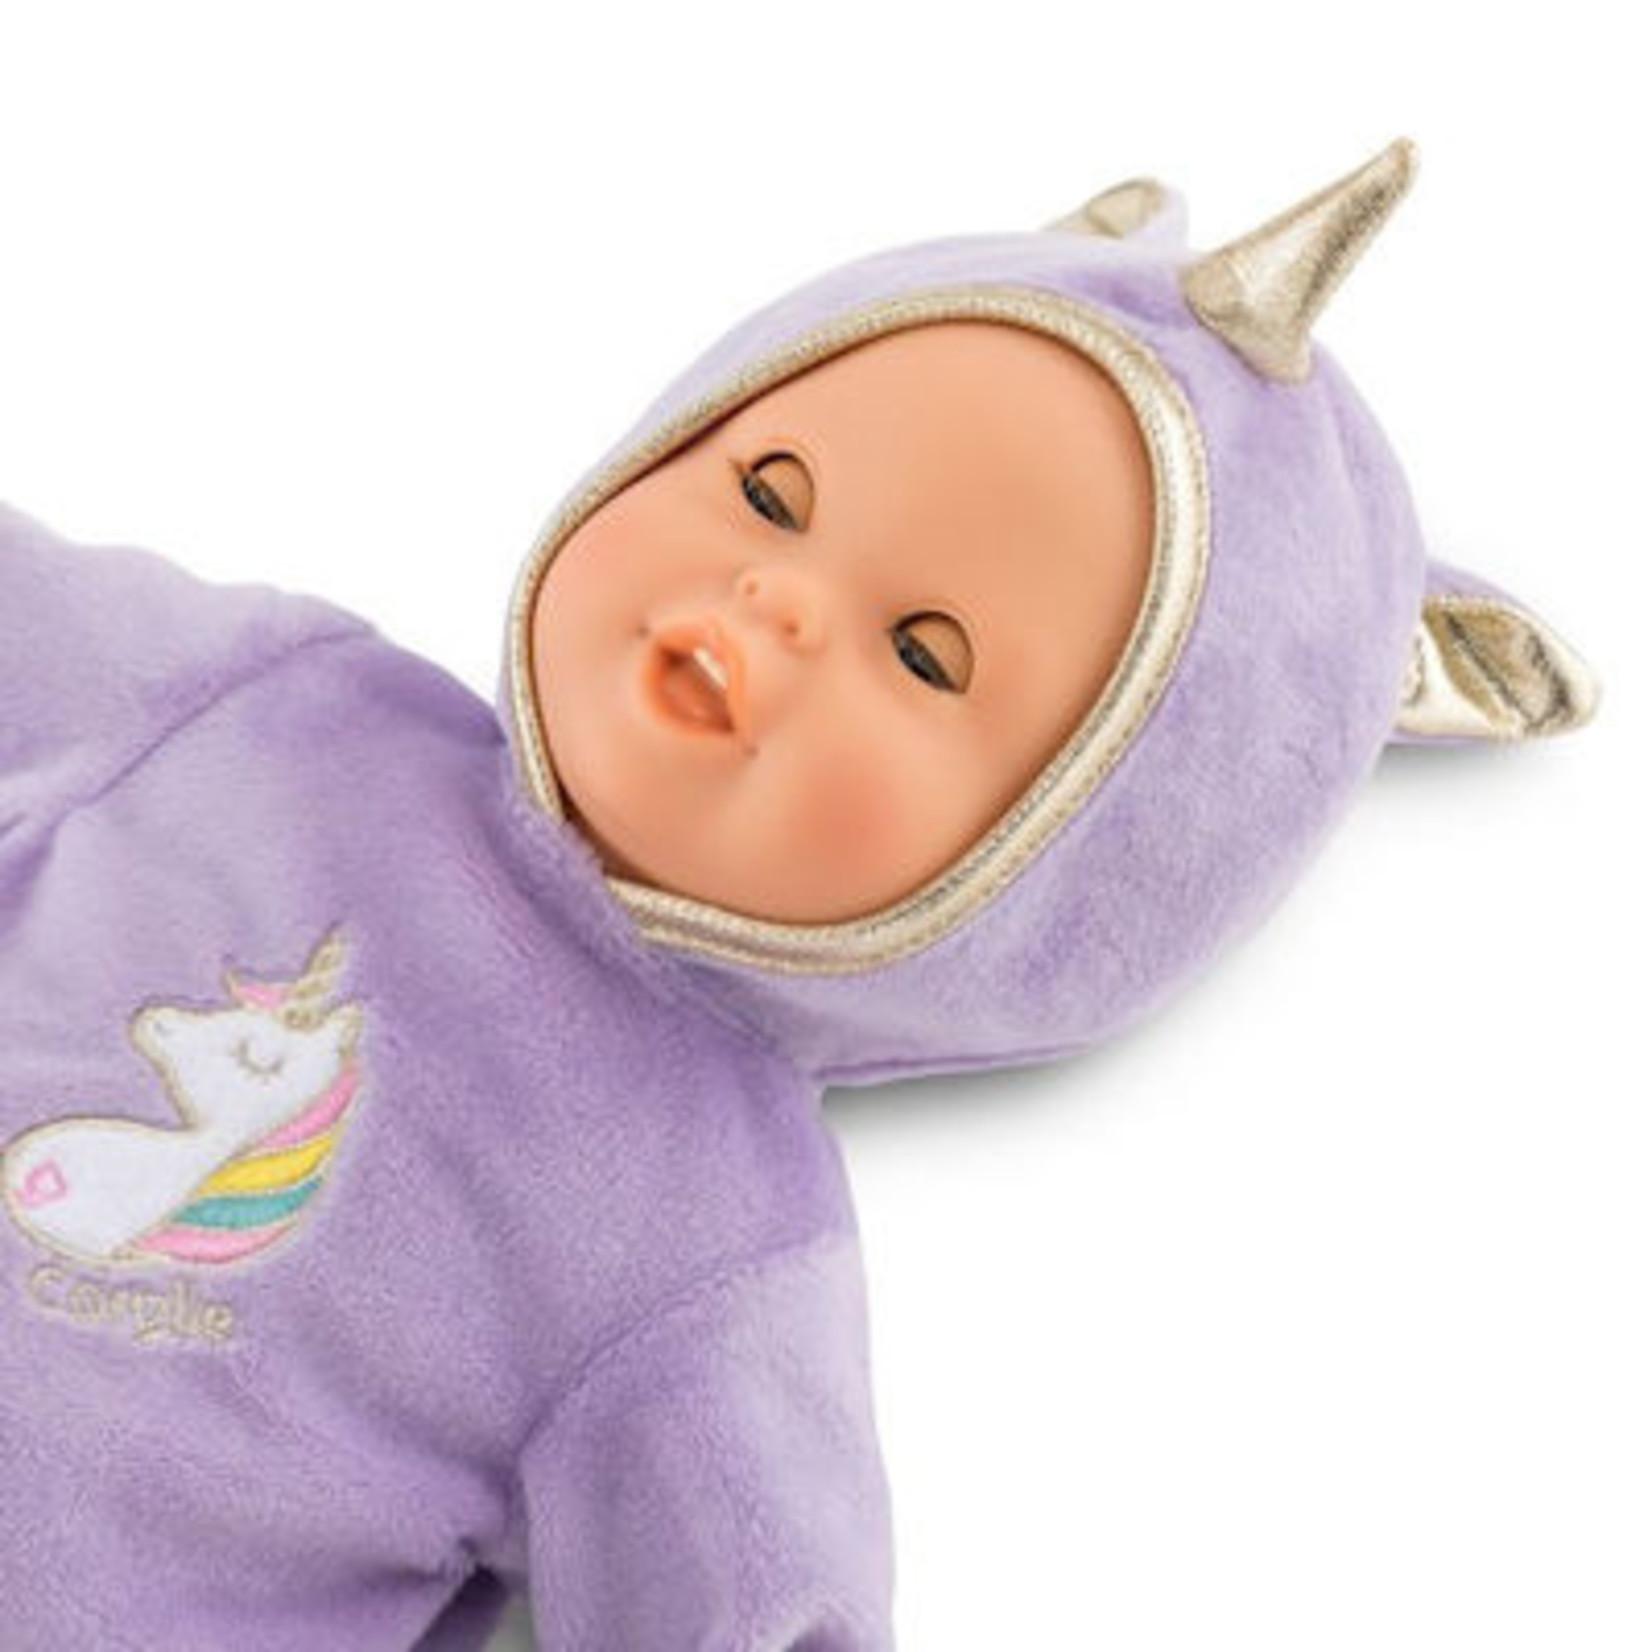 Corolle Mijn eerste babypopje Eenhoorn